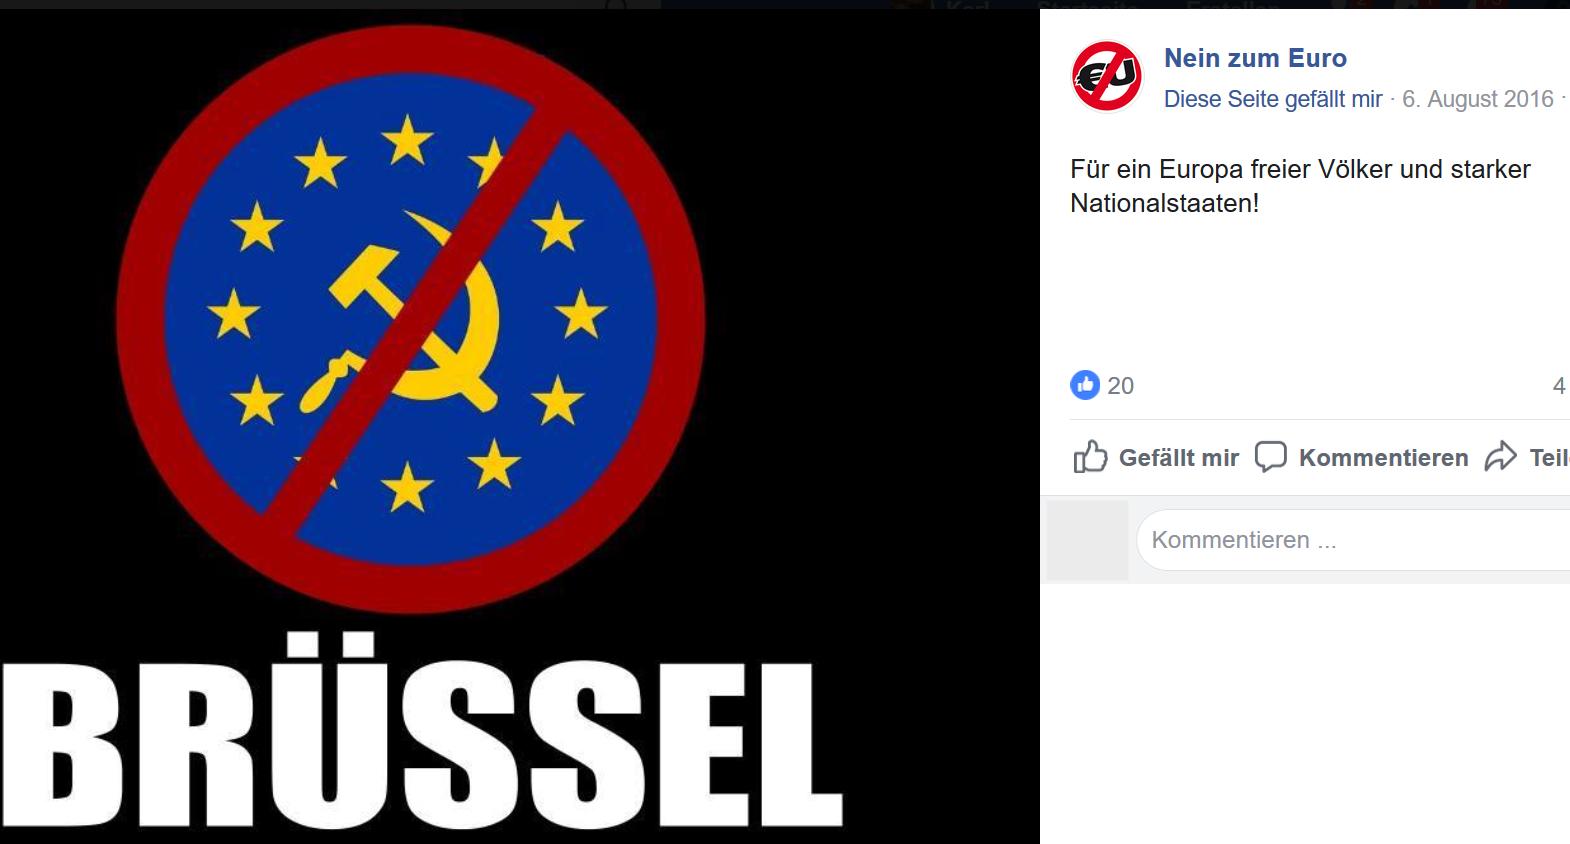 Nein zum Euro: Für ein Europa freier Völker